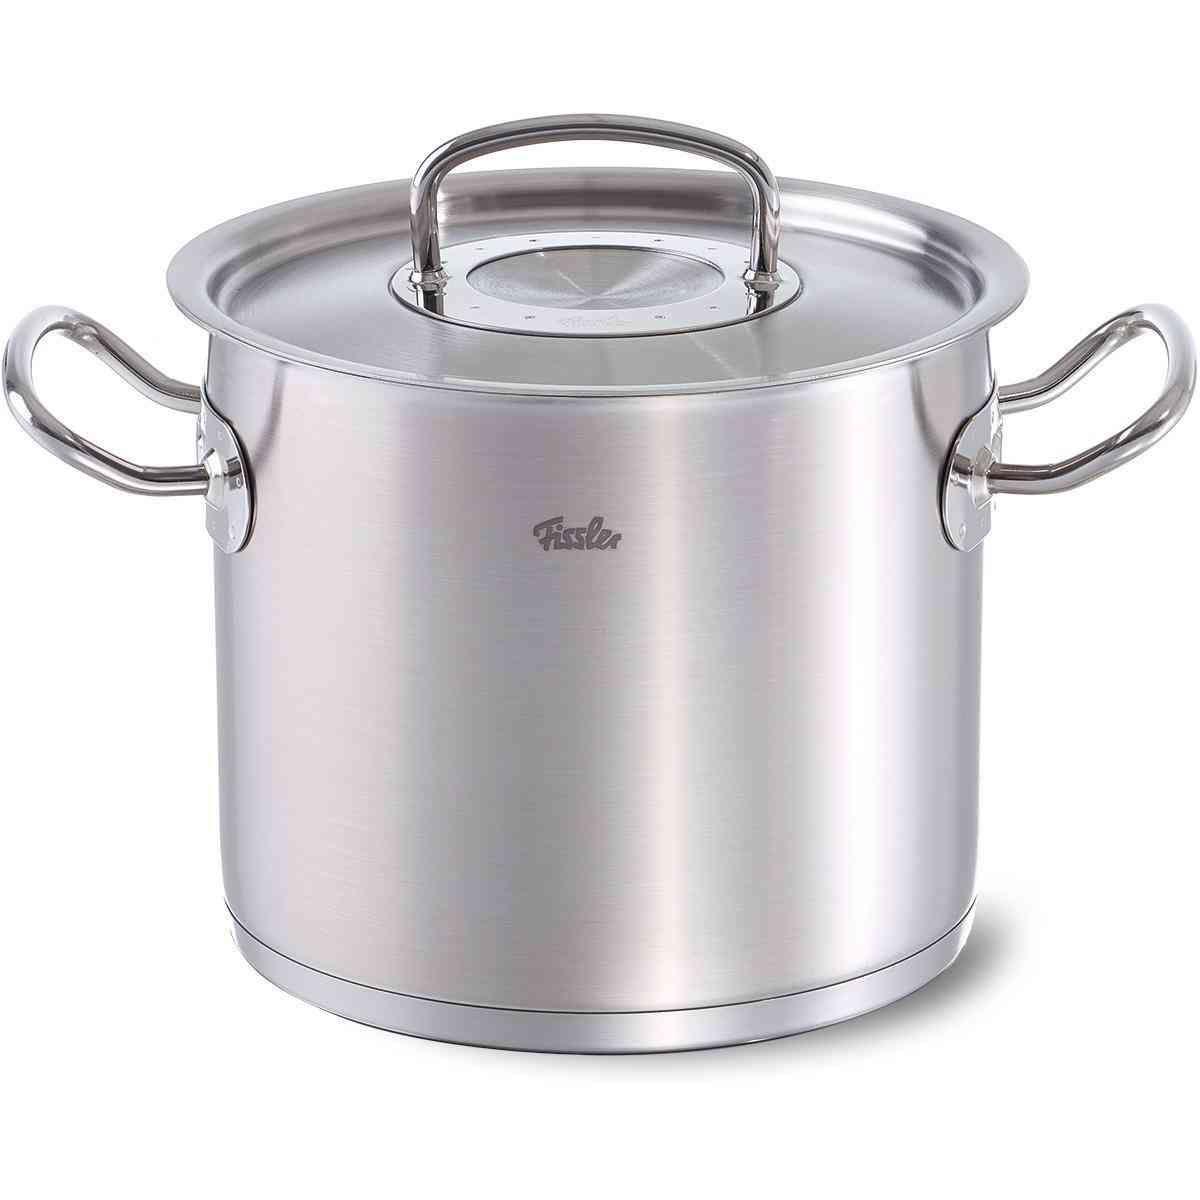 original-profi collection® Stock Pot with Lid